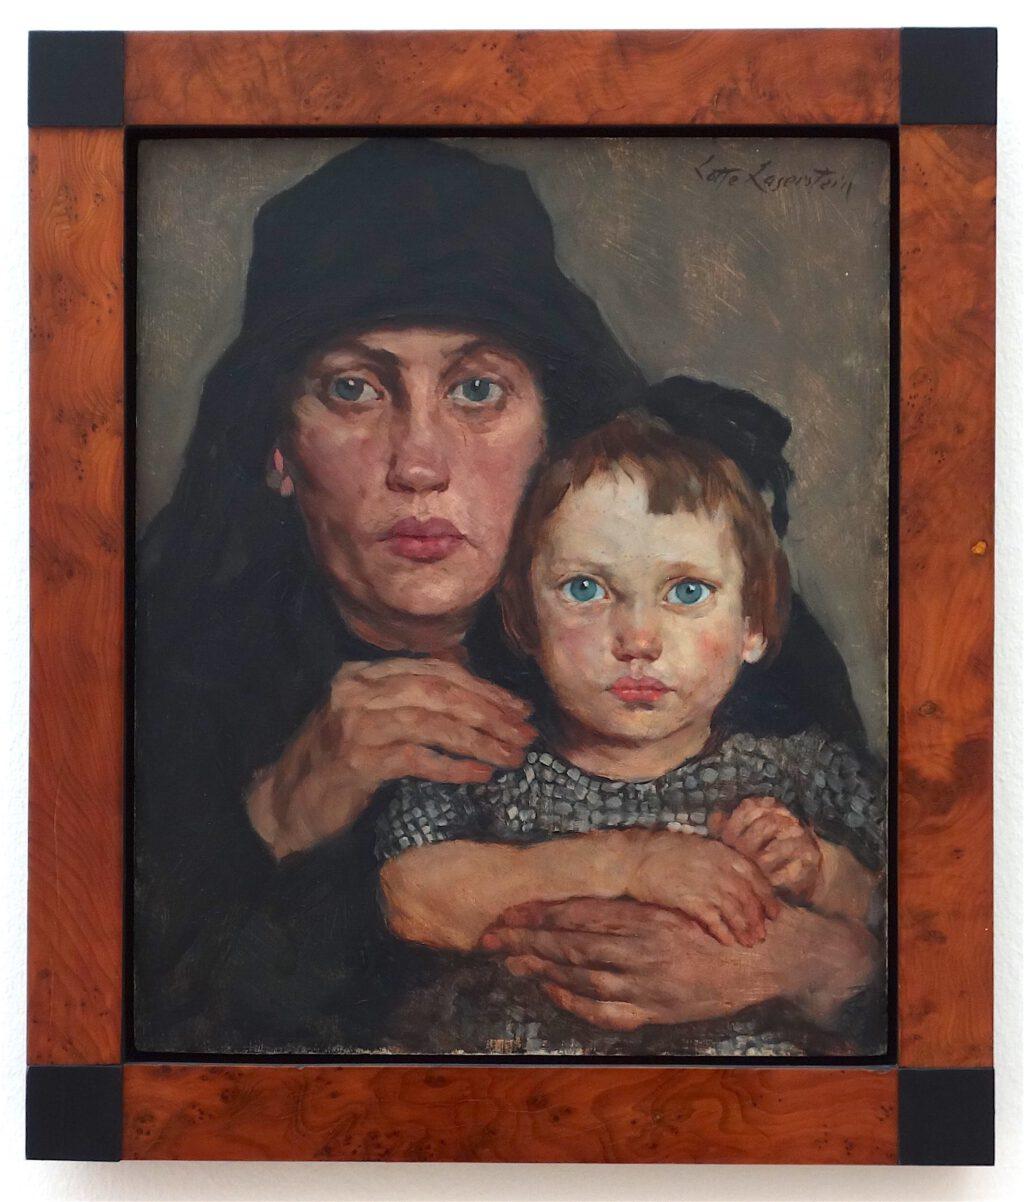 ロッテ・ラーゼルシュタイン「母親と子供」木材に油彩、46 x 38 センチ、約1926年 (1927年3月前)